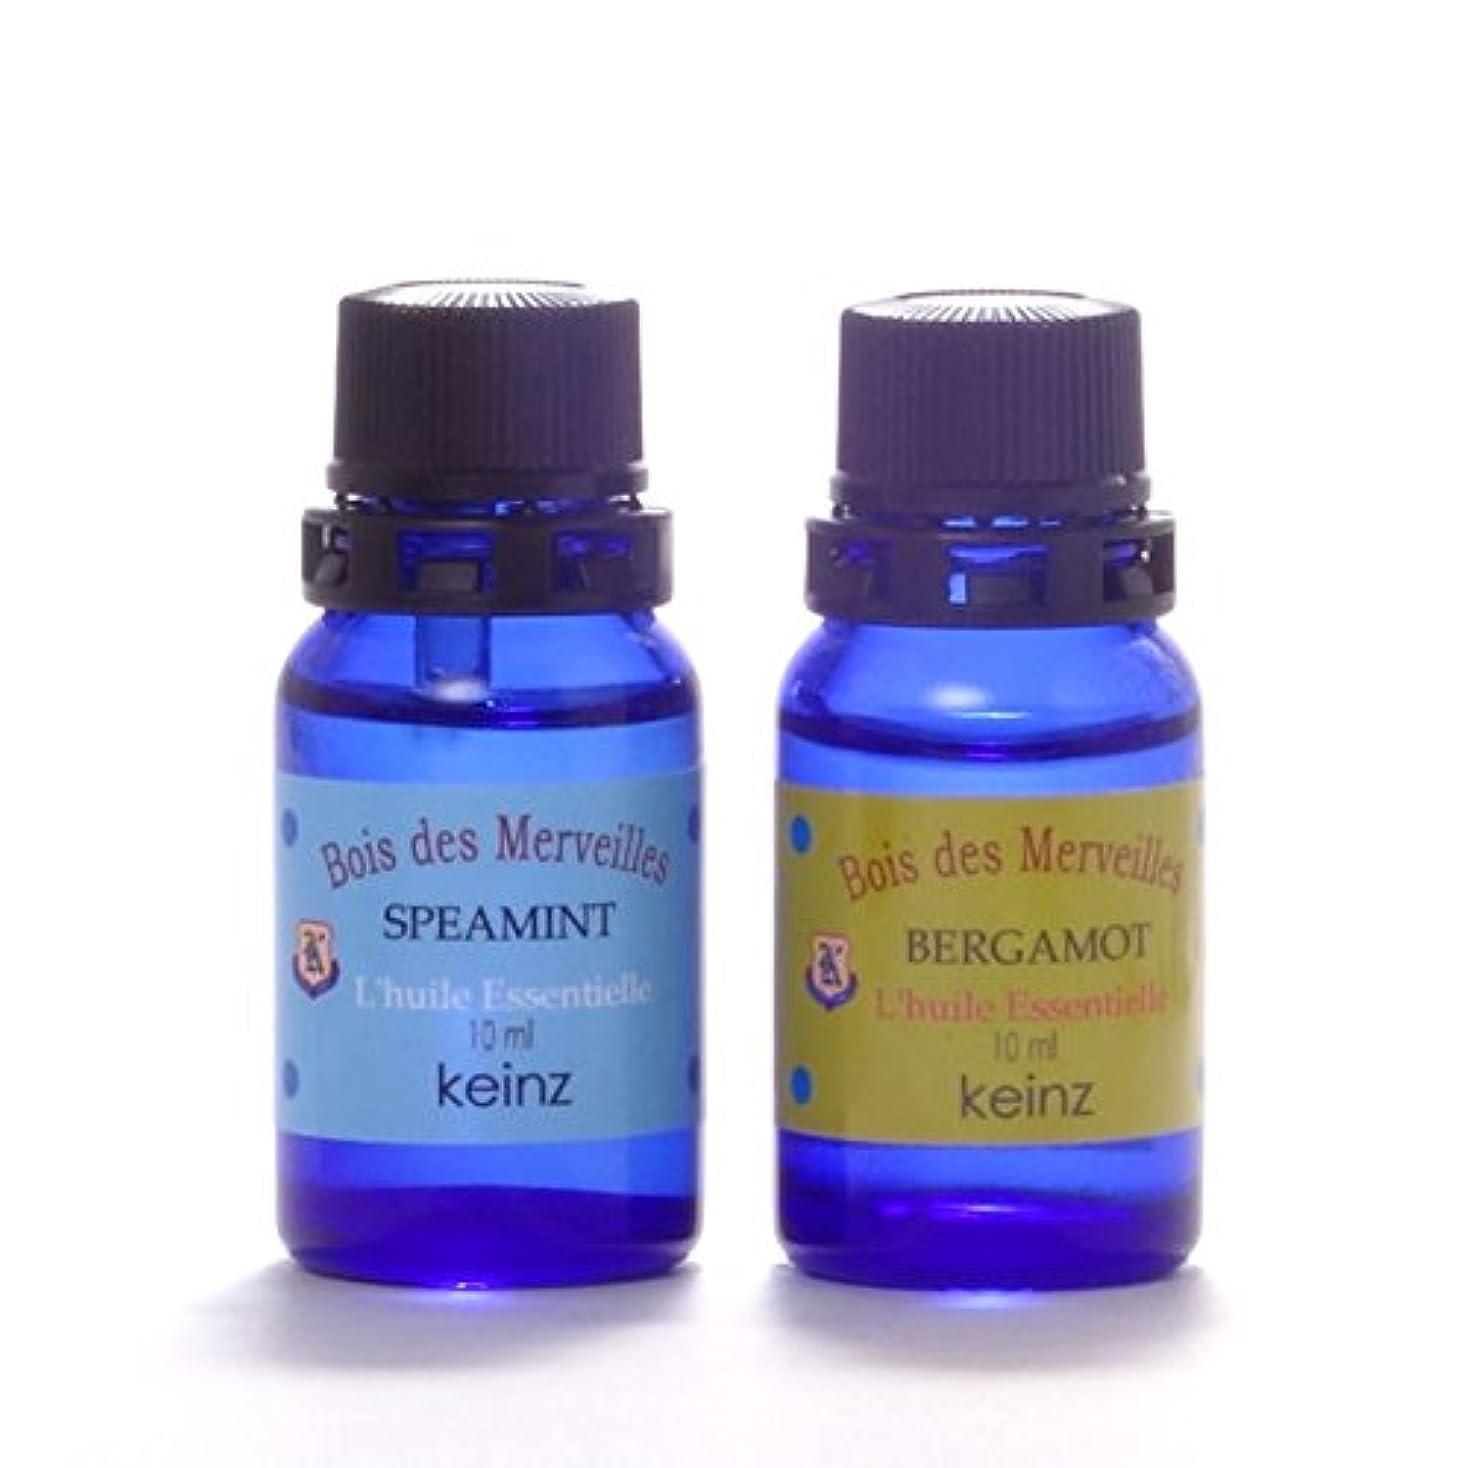 堂々たる見捨てられた酸化するkeinzエッセンシャルオイル「ベルガモット10ml&スペアミント10ml」2種1セット ケインズ正規品 製造国アメリカ 完全無添加 人工香料は使っていません。